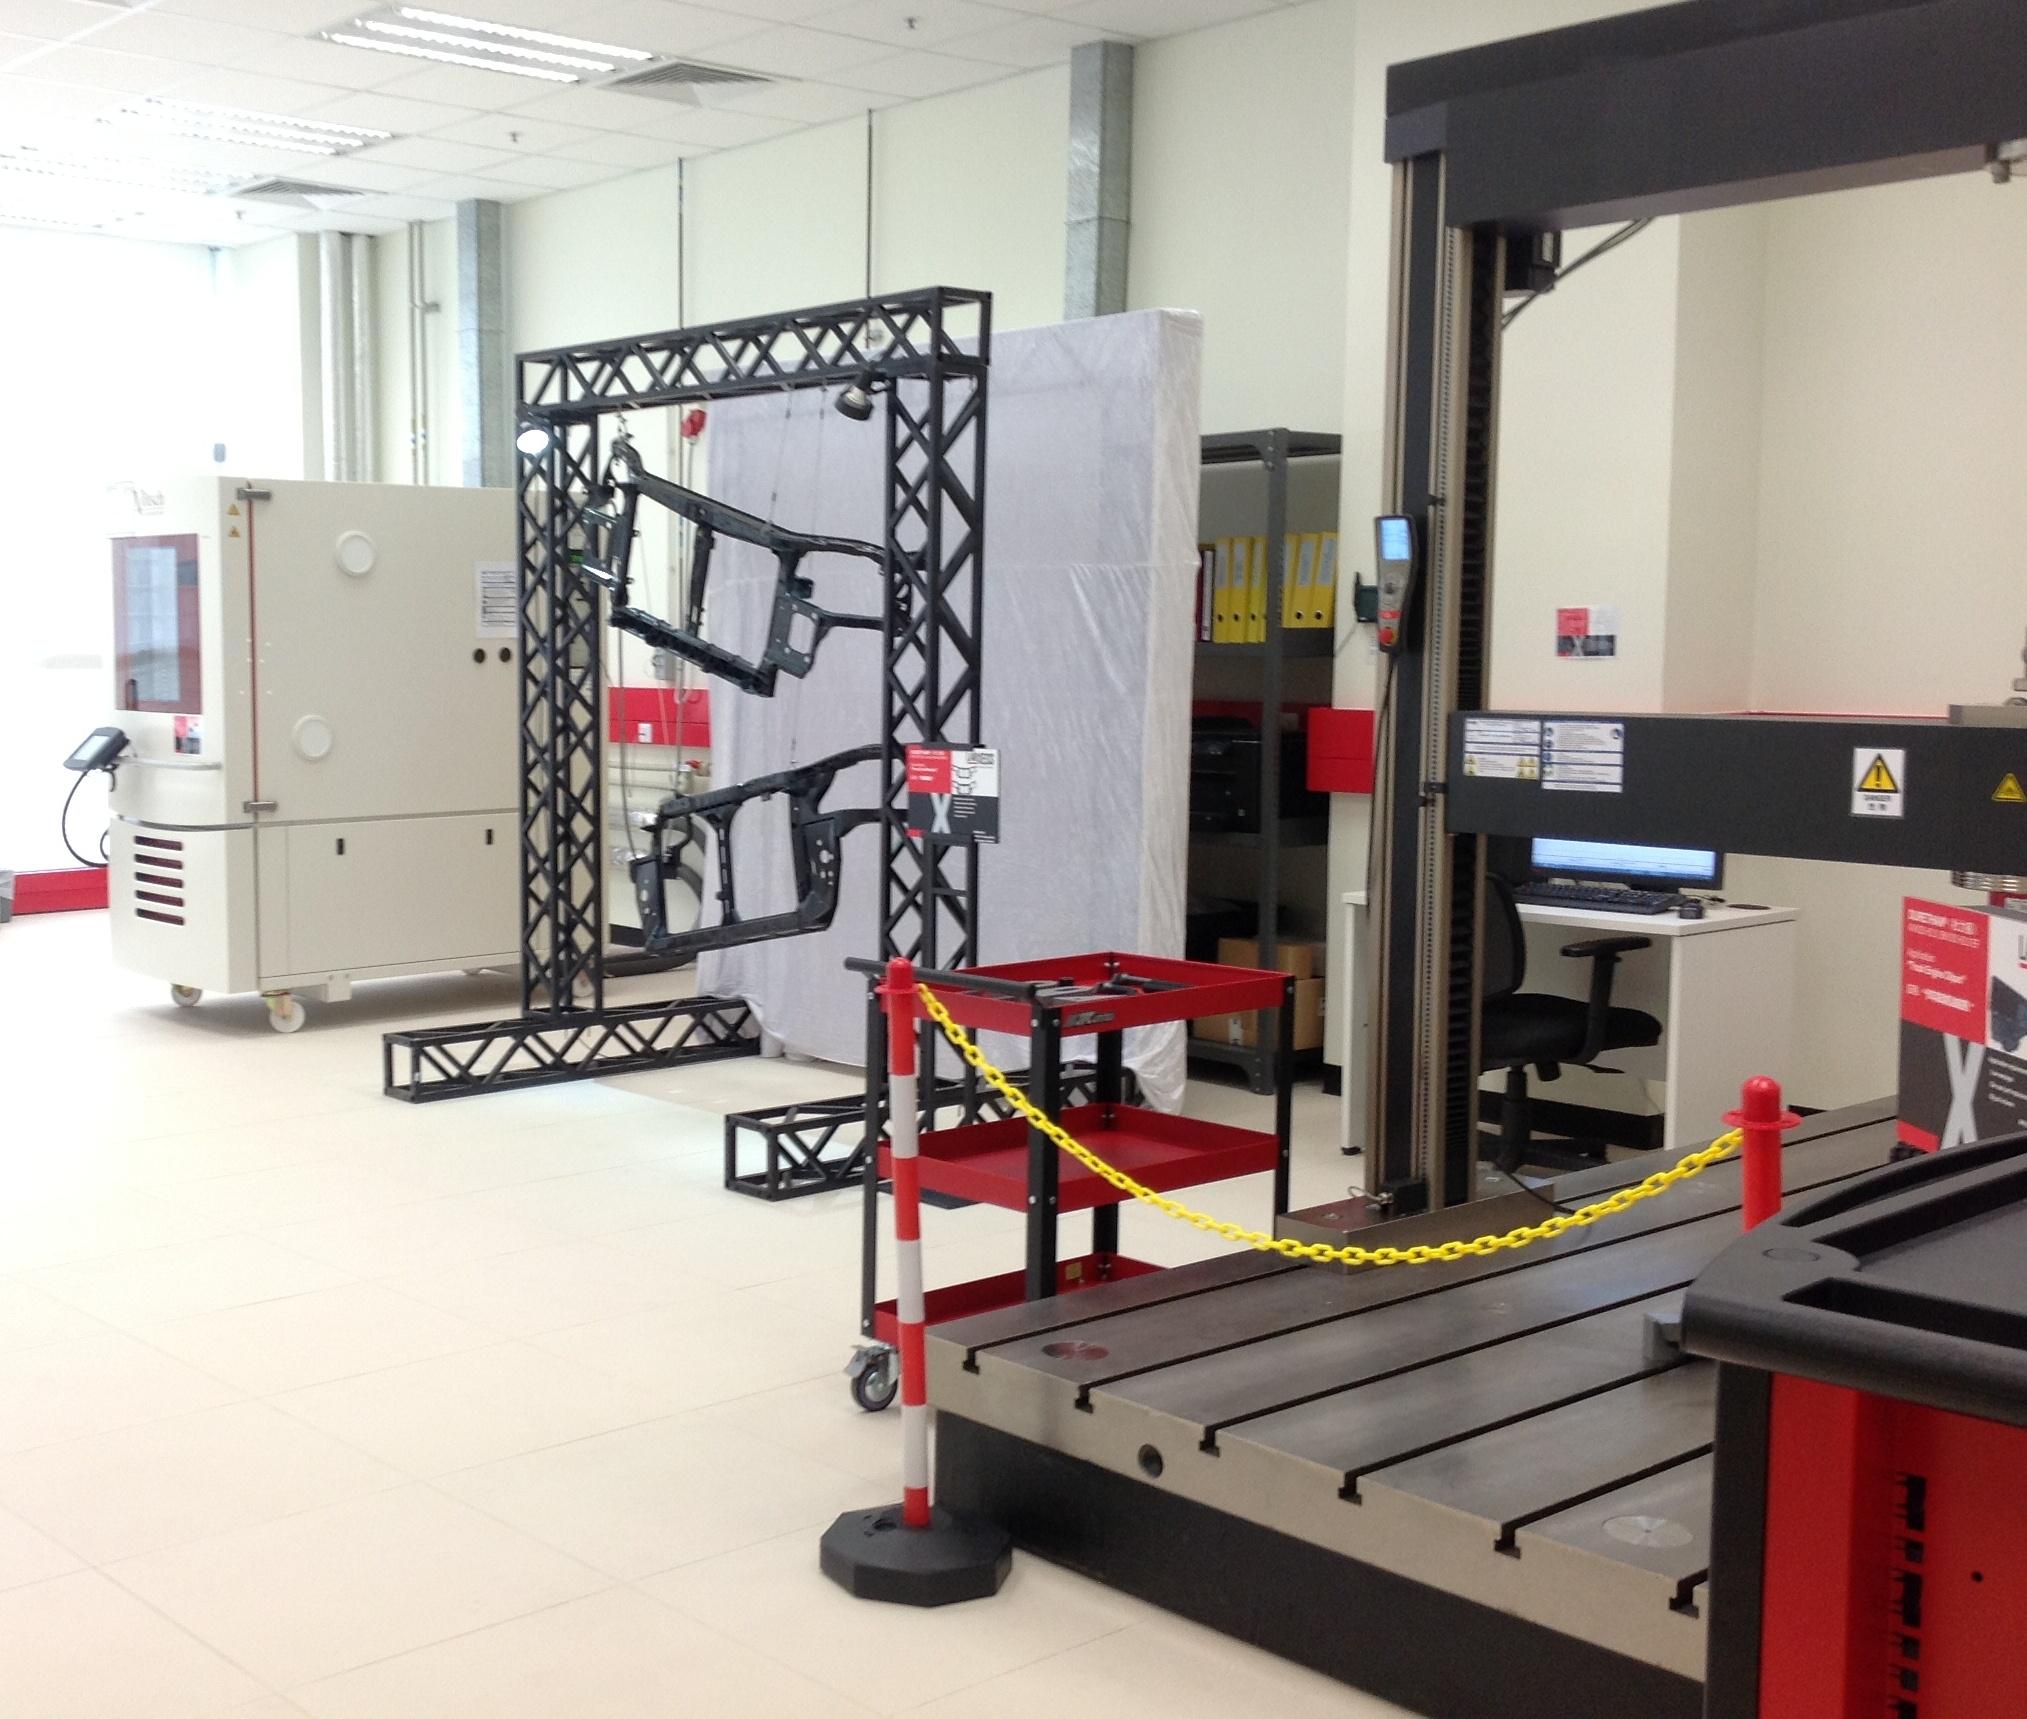 公開された用途開発センター内のテストラボ